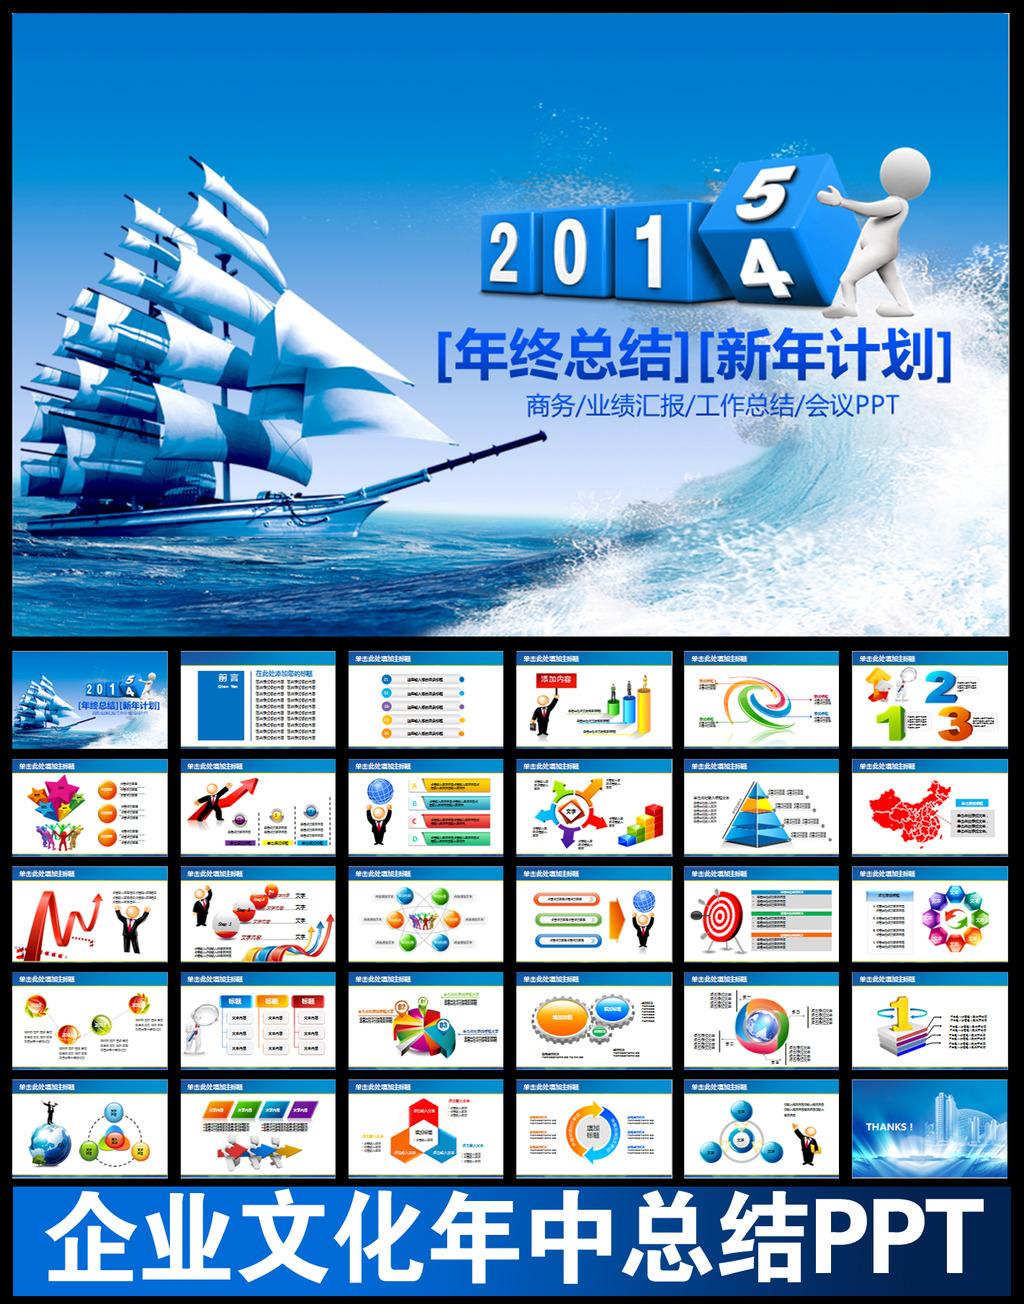 2014企业文化年终总结报告ppt模板下载(图片编号:)